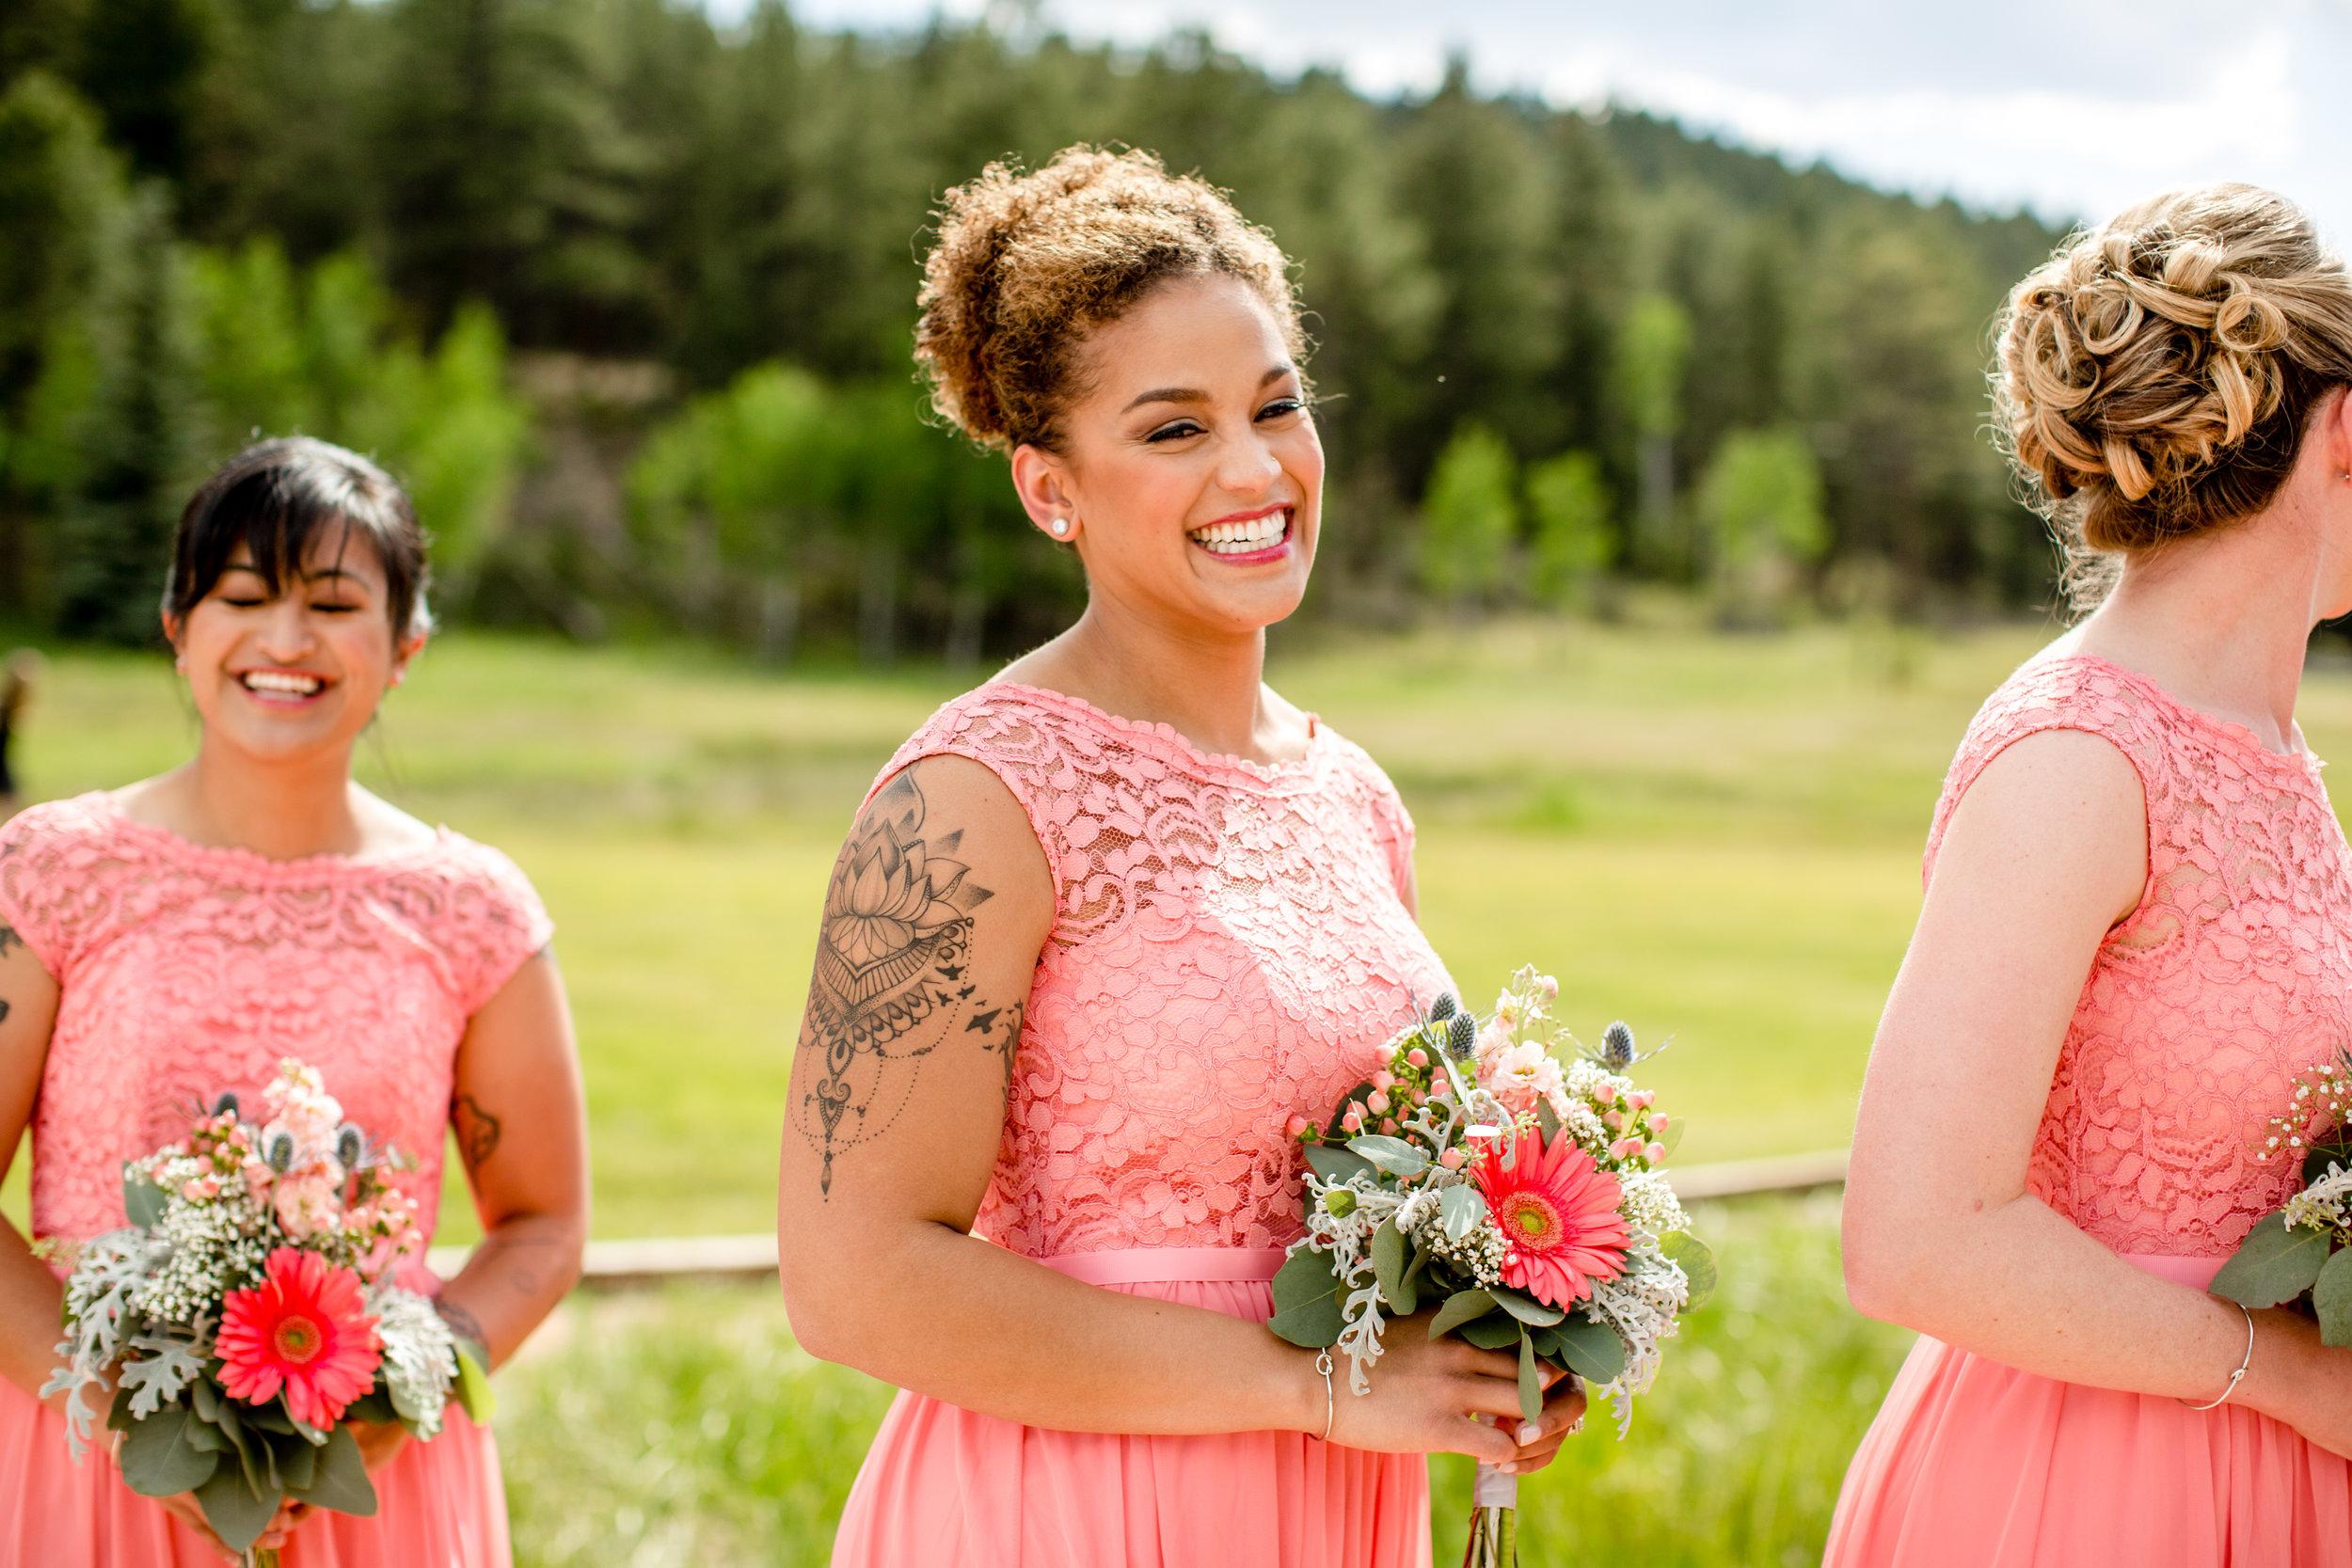 Denver-wedding-hairstylist-bridal-hair-updo-specialist